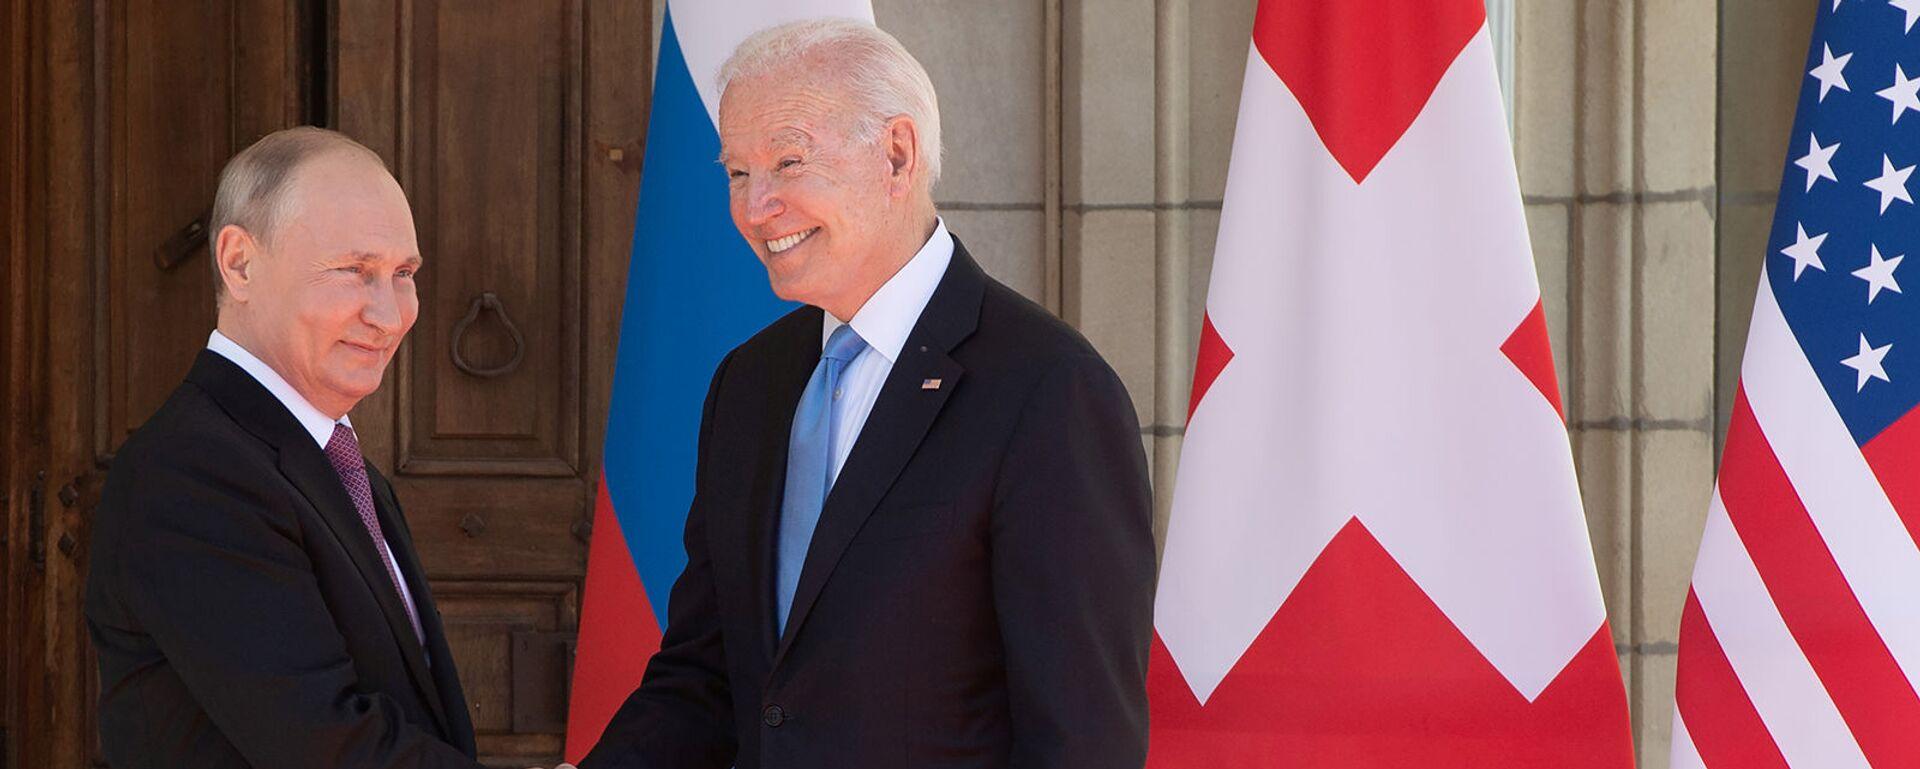 Президенты России и США Владимир Путин и Джо Байден приветствуют друг друга у входа в виллу Ла Гранж во время их встречи - Sputnik Армения, 1920, 16.06.2021